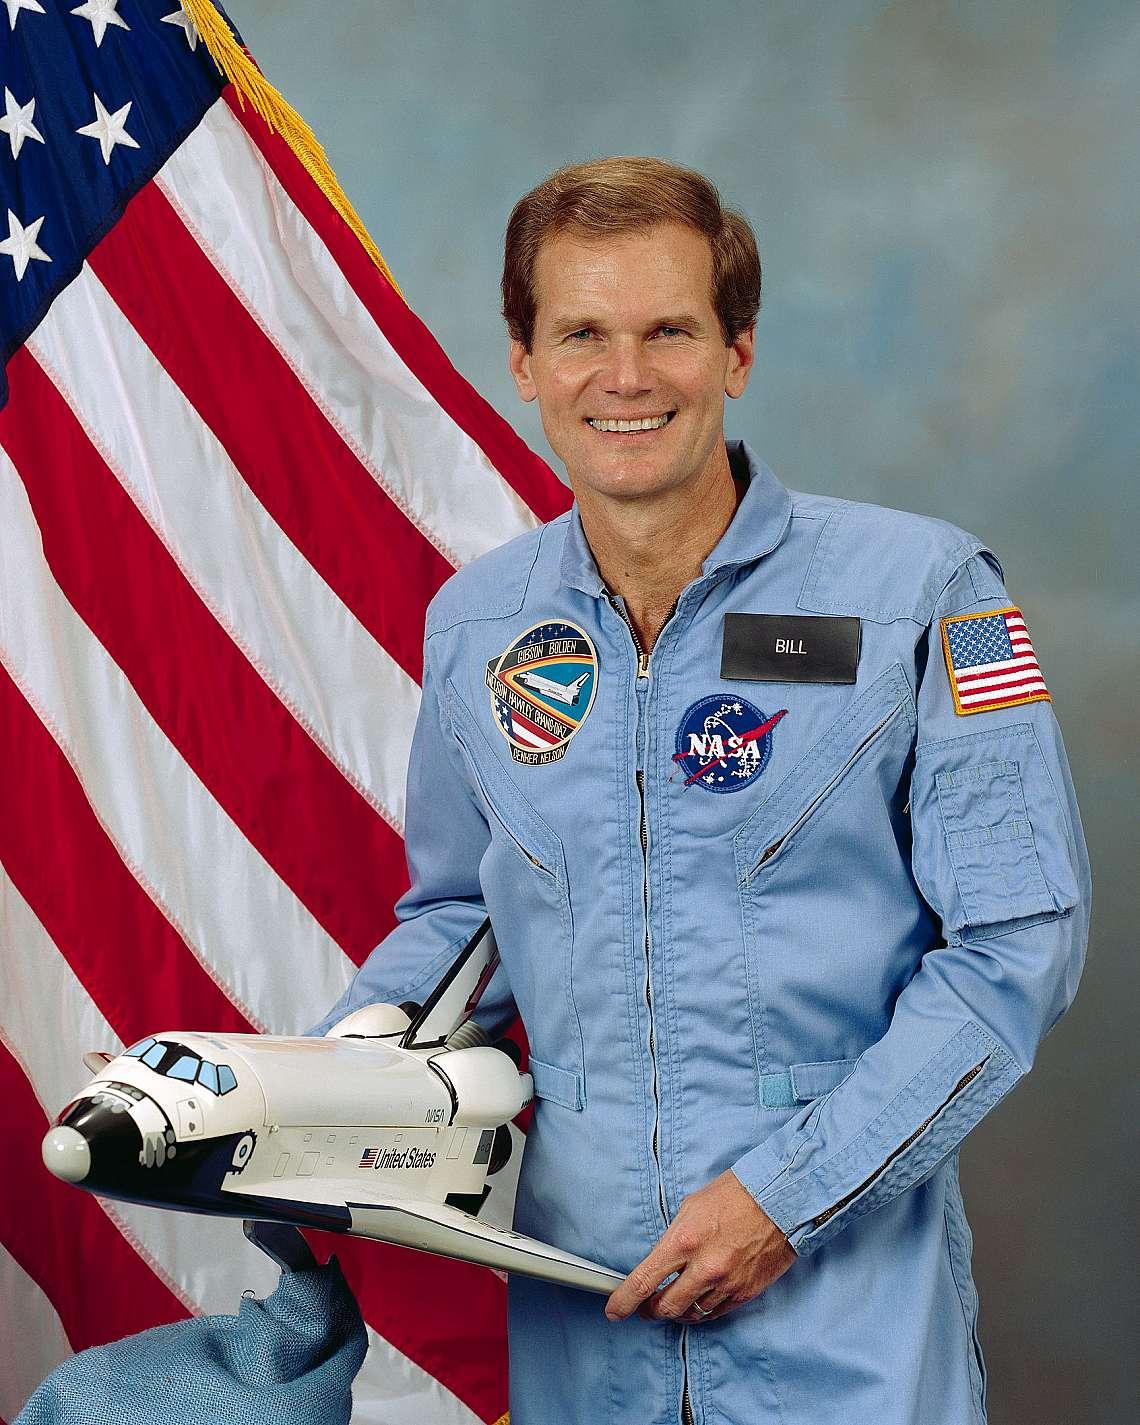 Бил Нелсън, бивш астронавт.